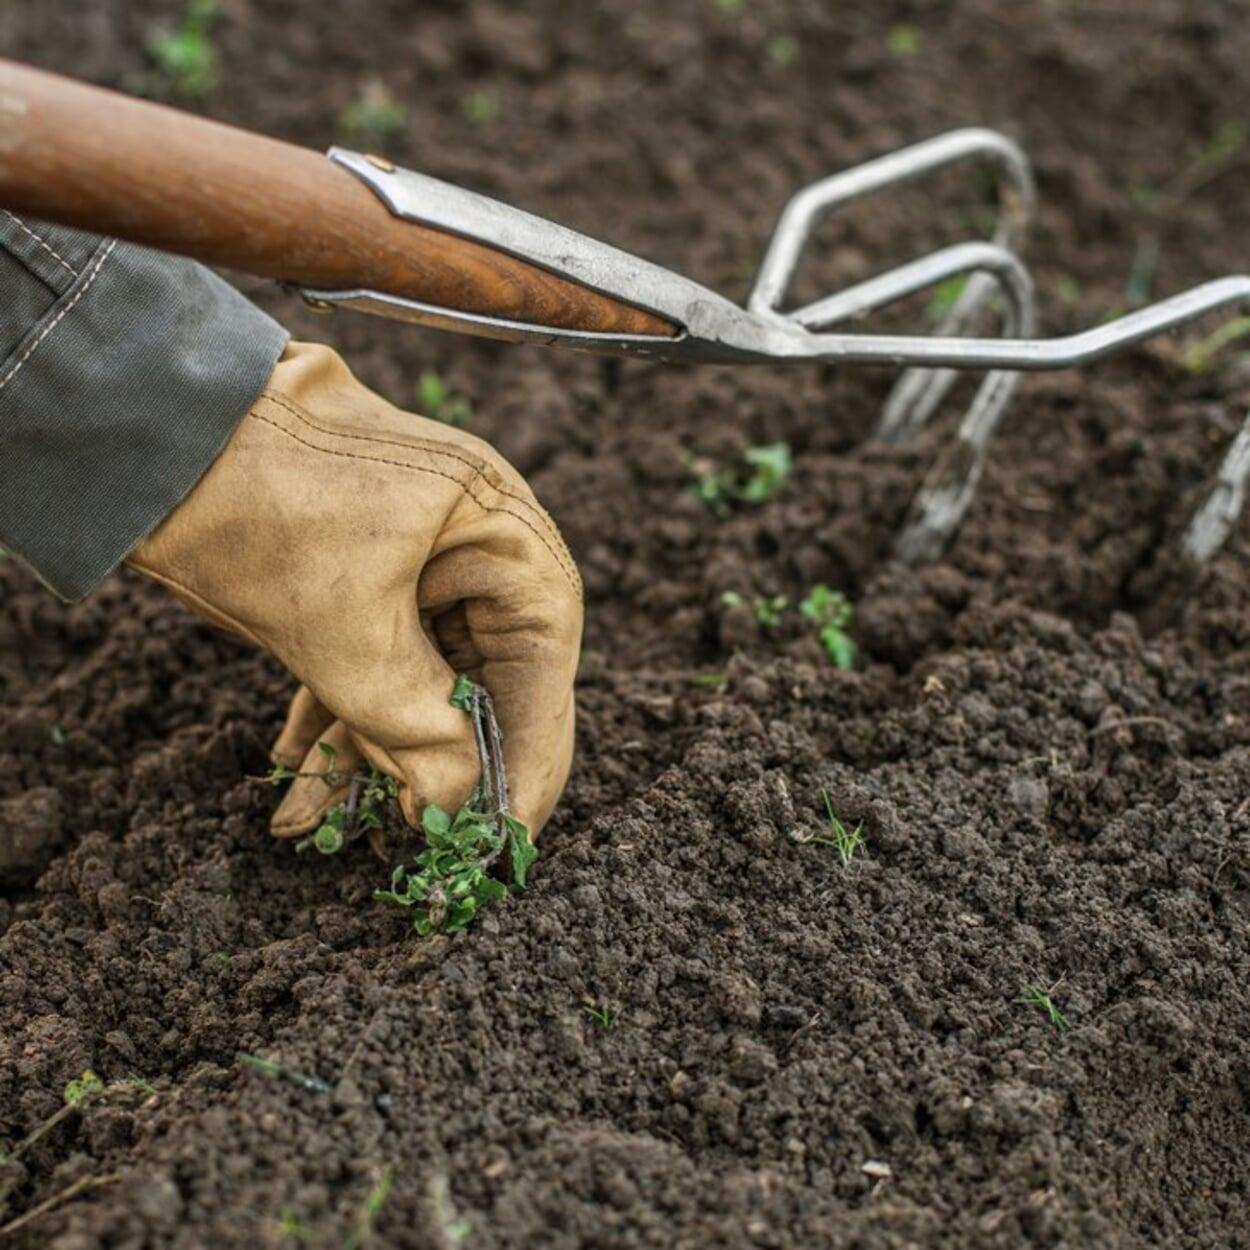 Beetvorbereitung: Den Boden lockern, Steine und Unkräuter entfernen